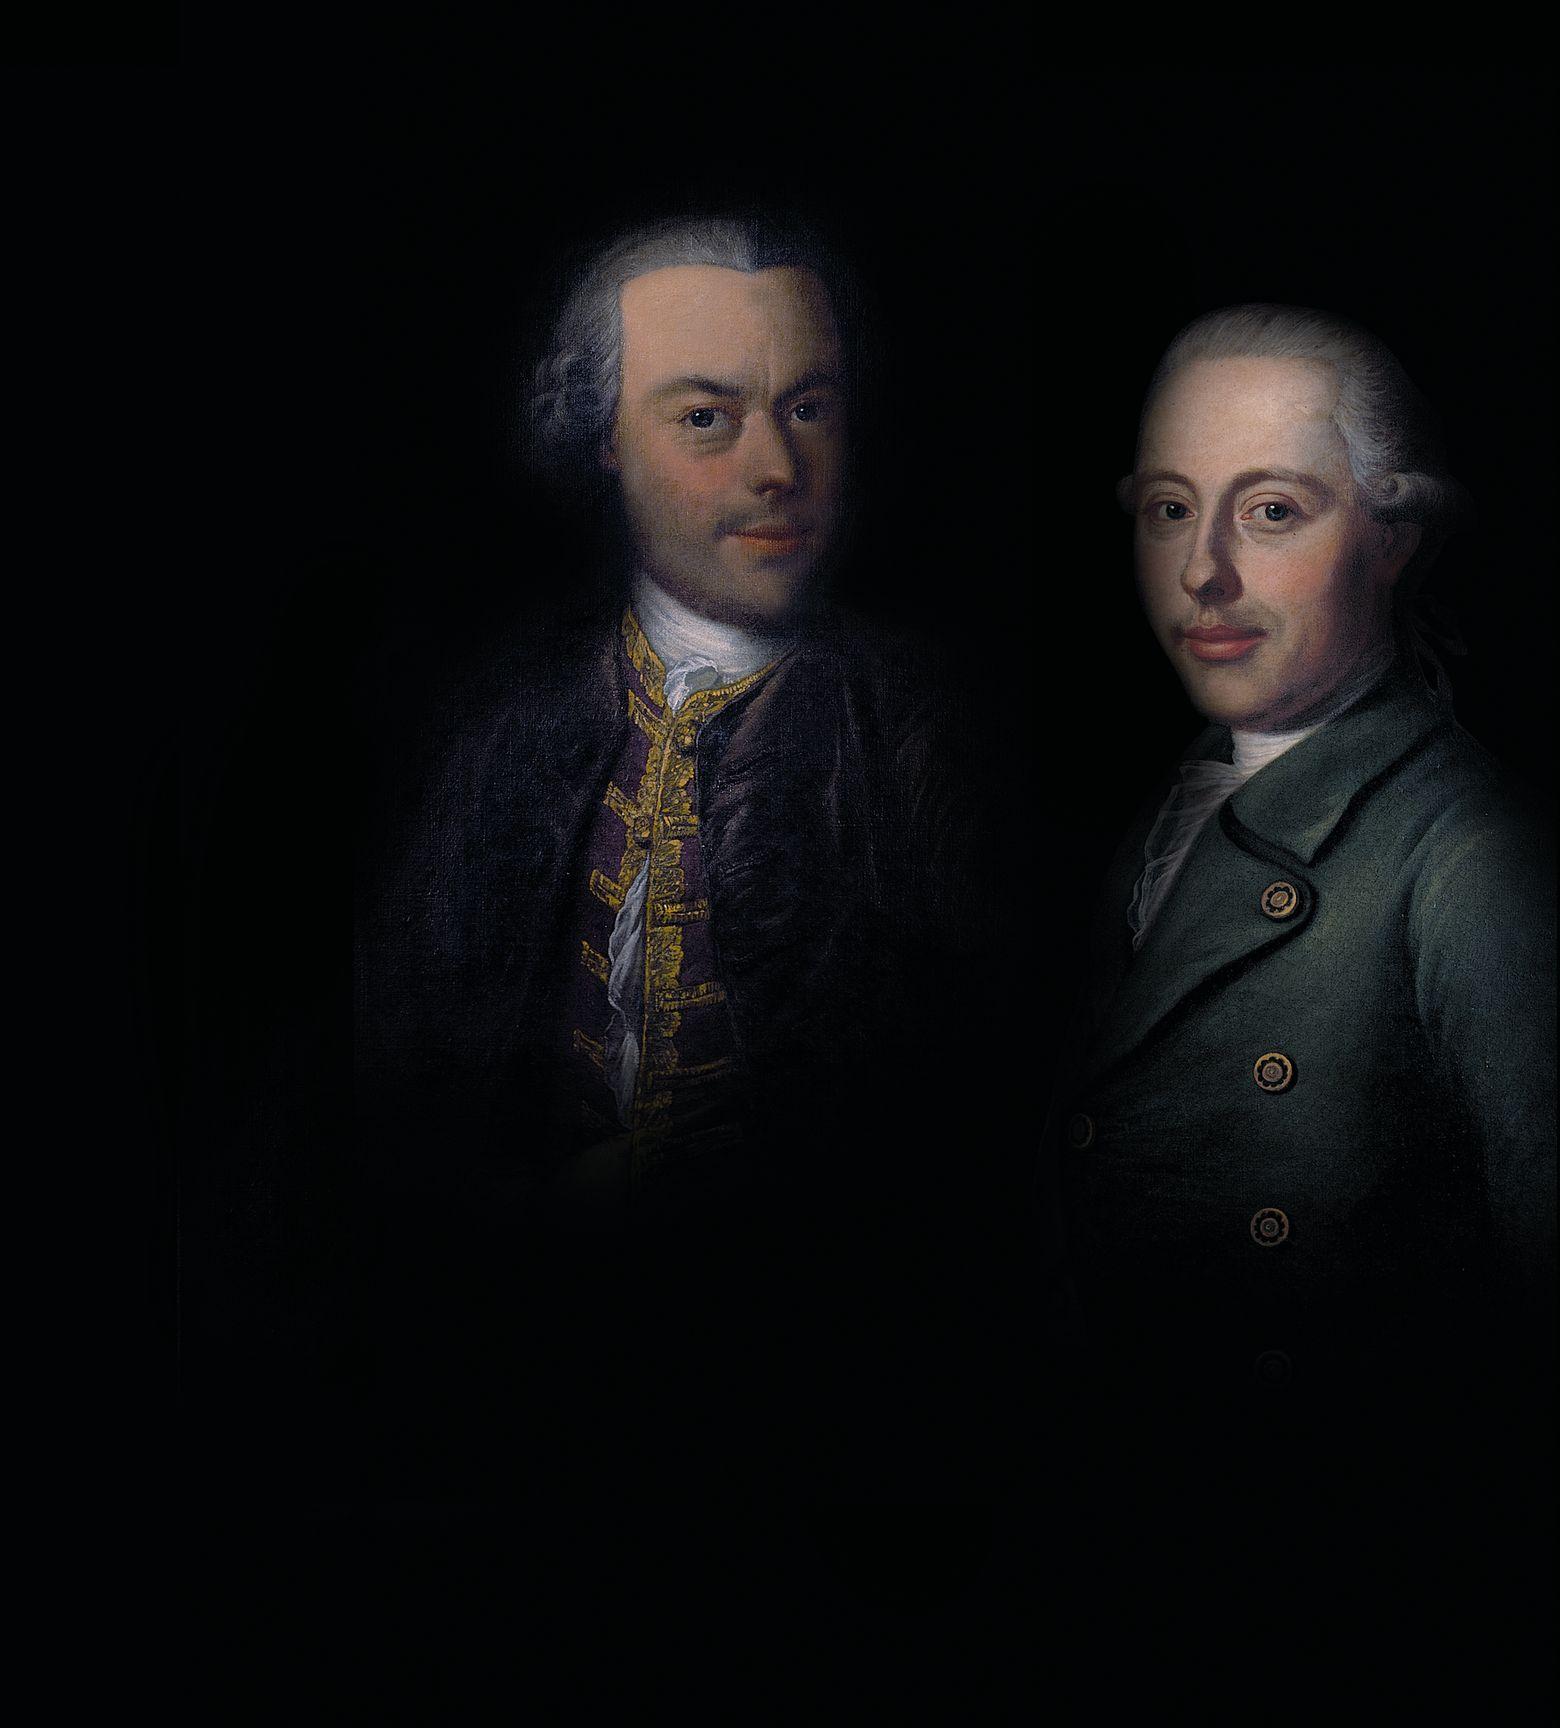 Pierre-And-Henri-Louis-Jaquet-Droz.jpg